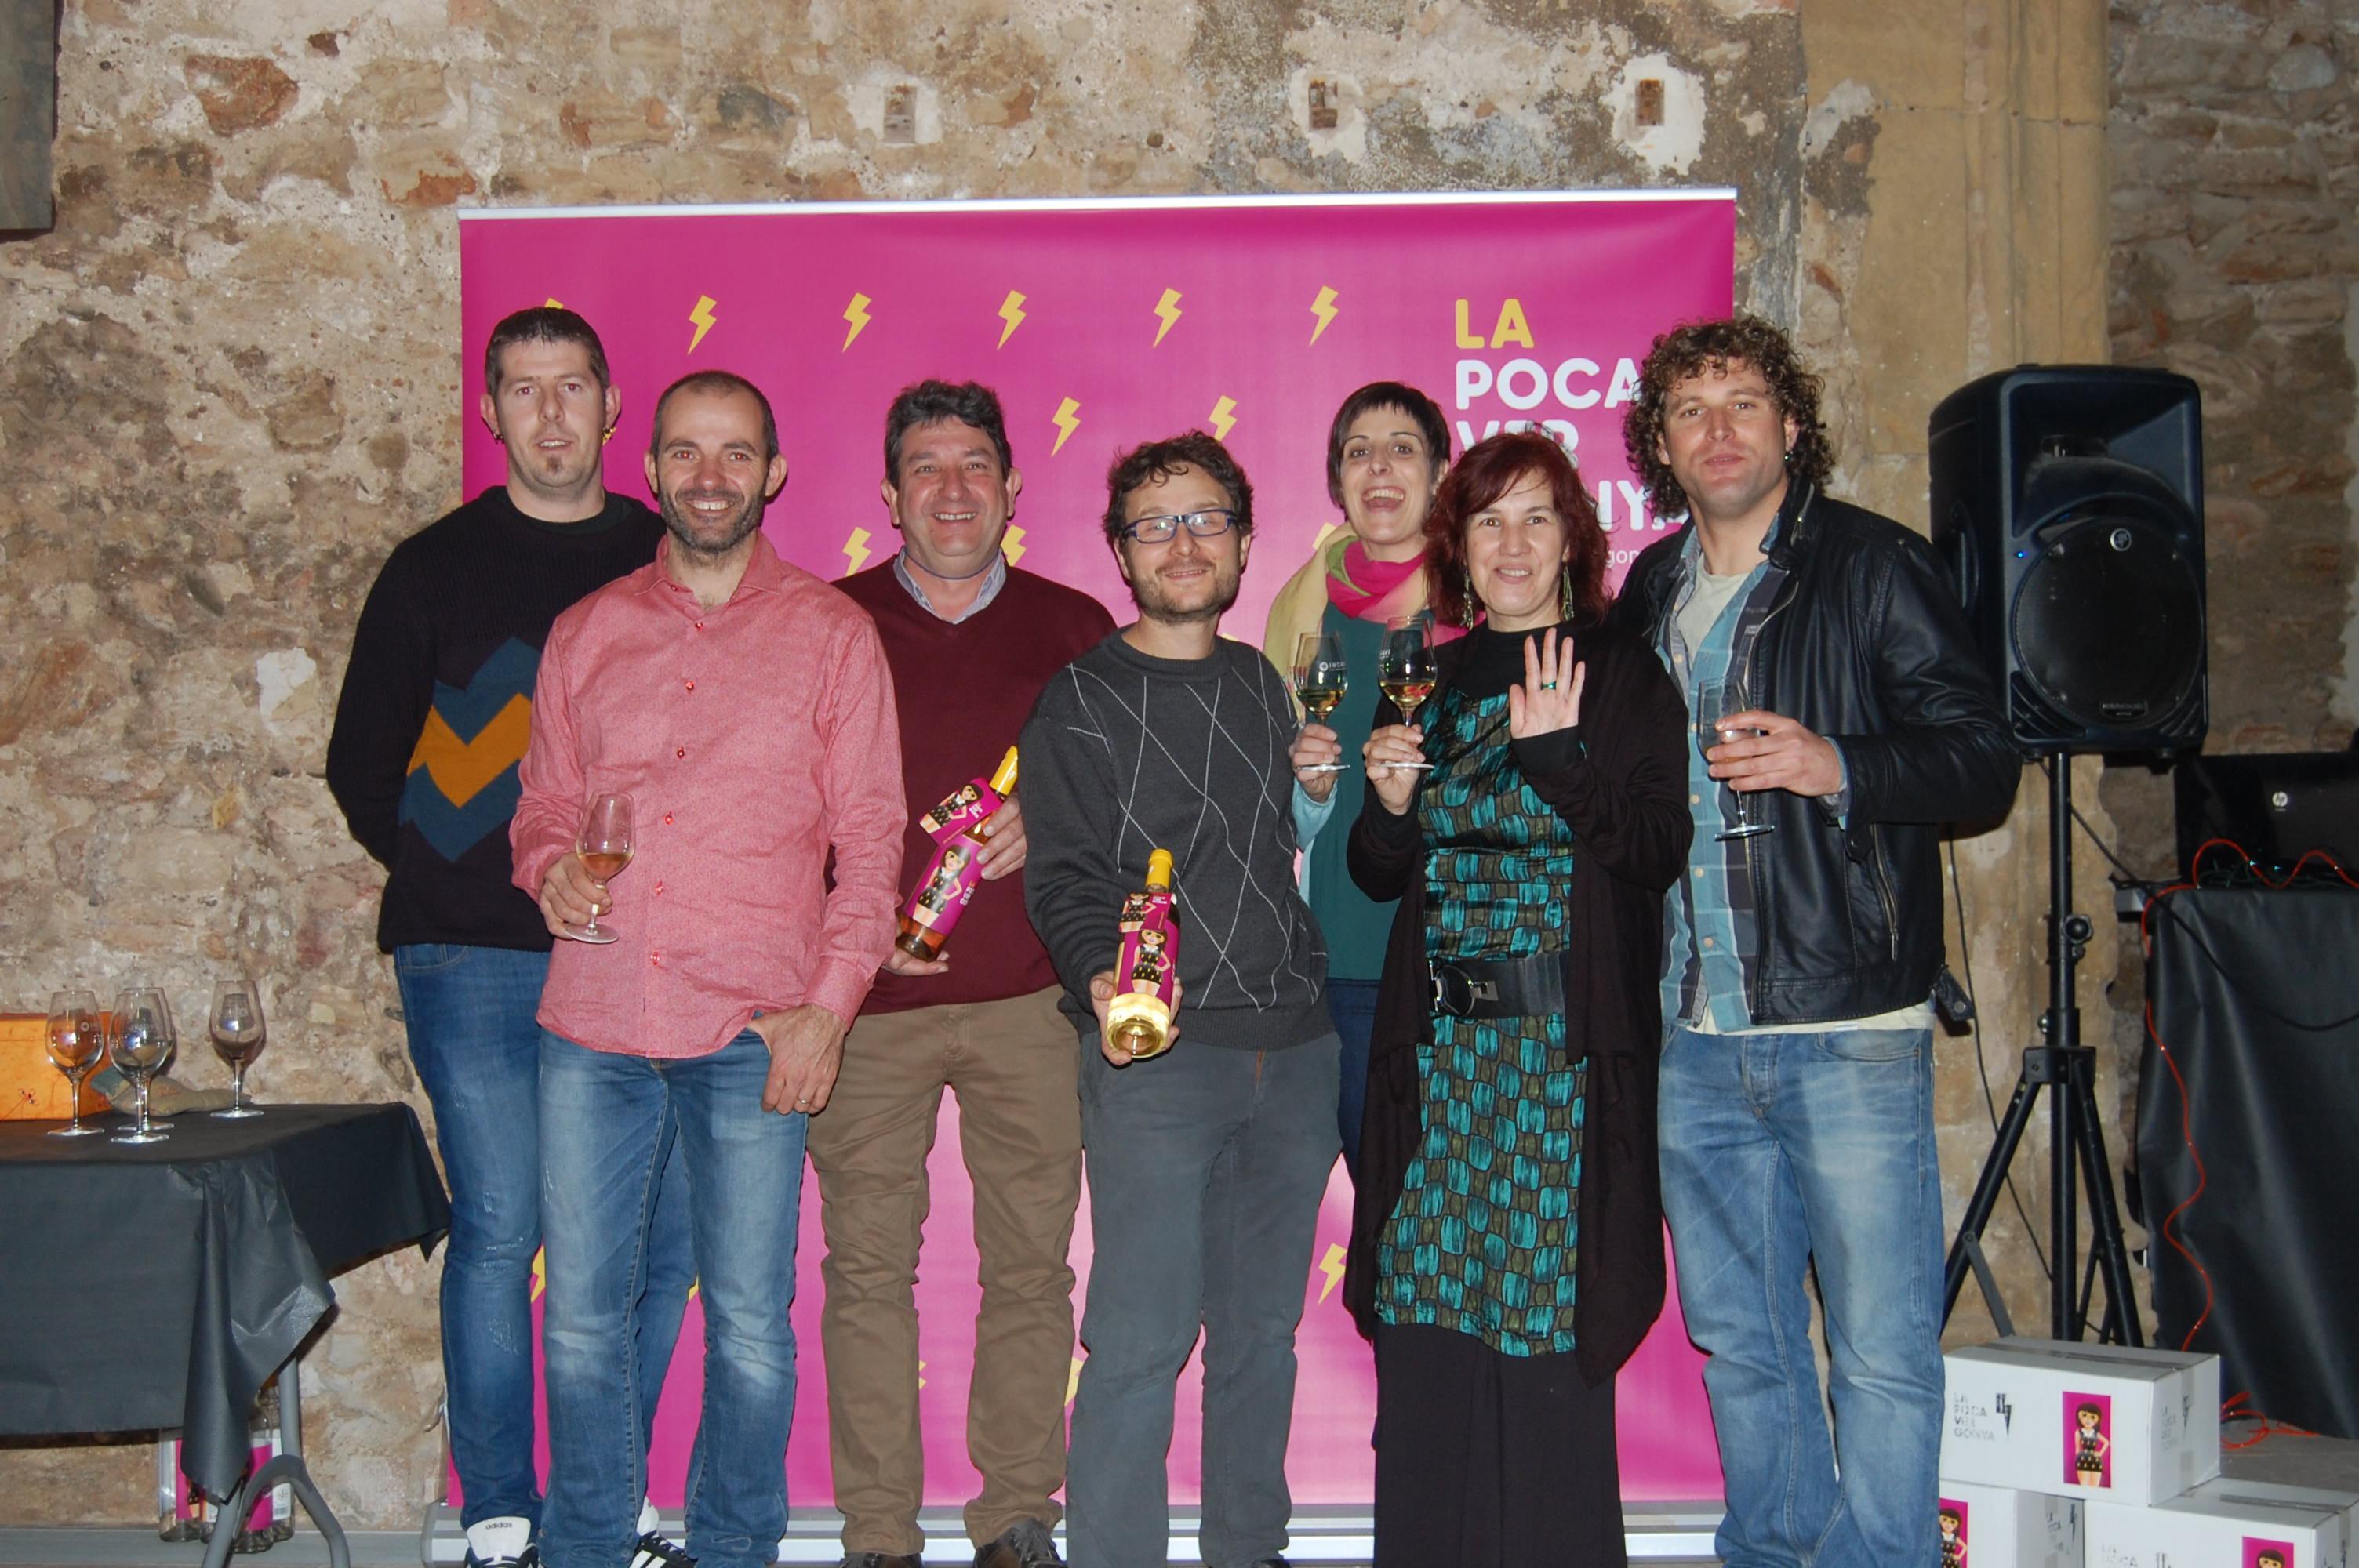 [:ca]Ja tenim aquí la segona anyada de la Pocavergonya, el vi més descarat de la Ribera d'Ebre[:es]Ya tenemos aquí la segunda añada de La Pocavergonya, el vino más descarado de la Ribera d'Ebre[:]